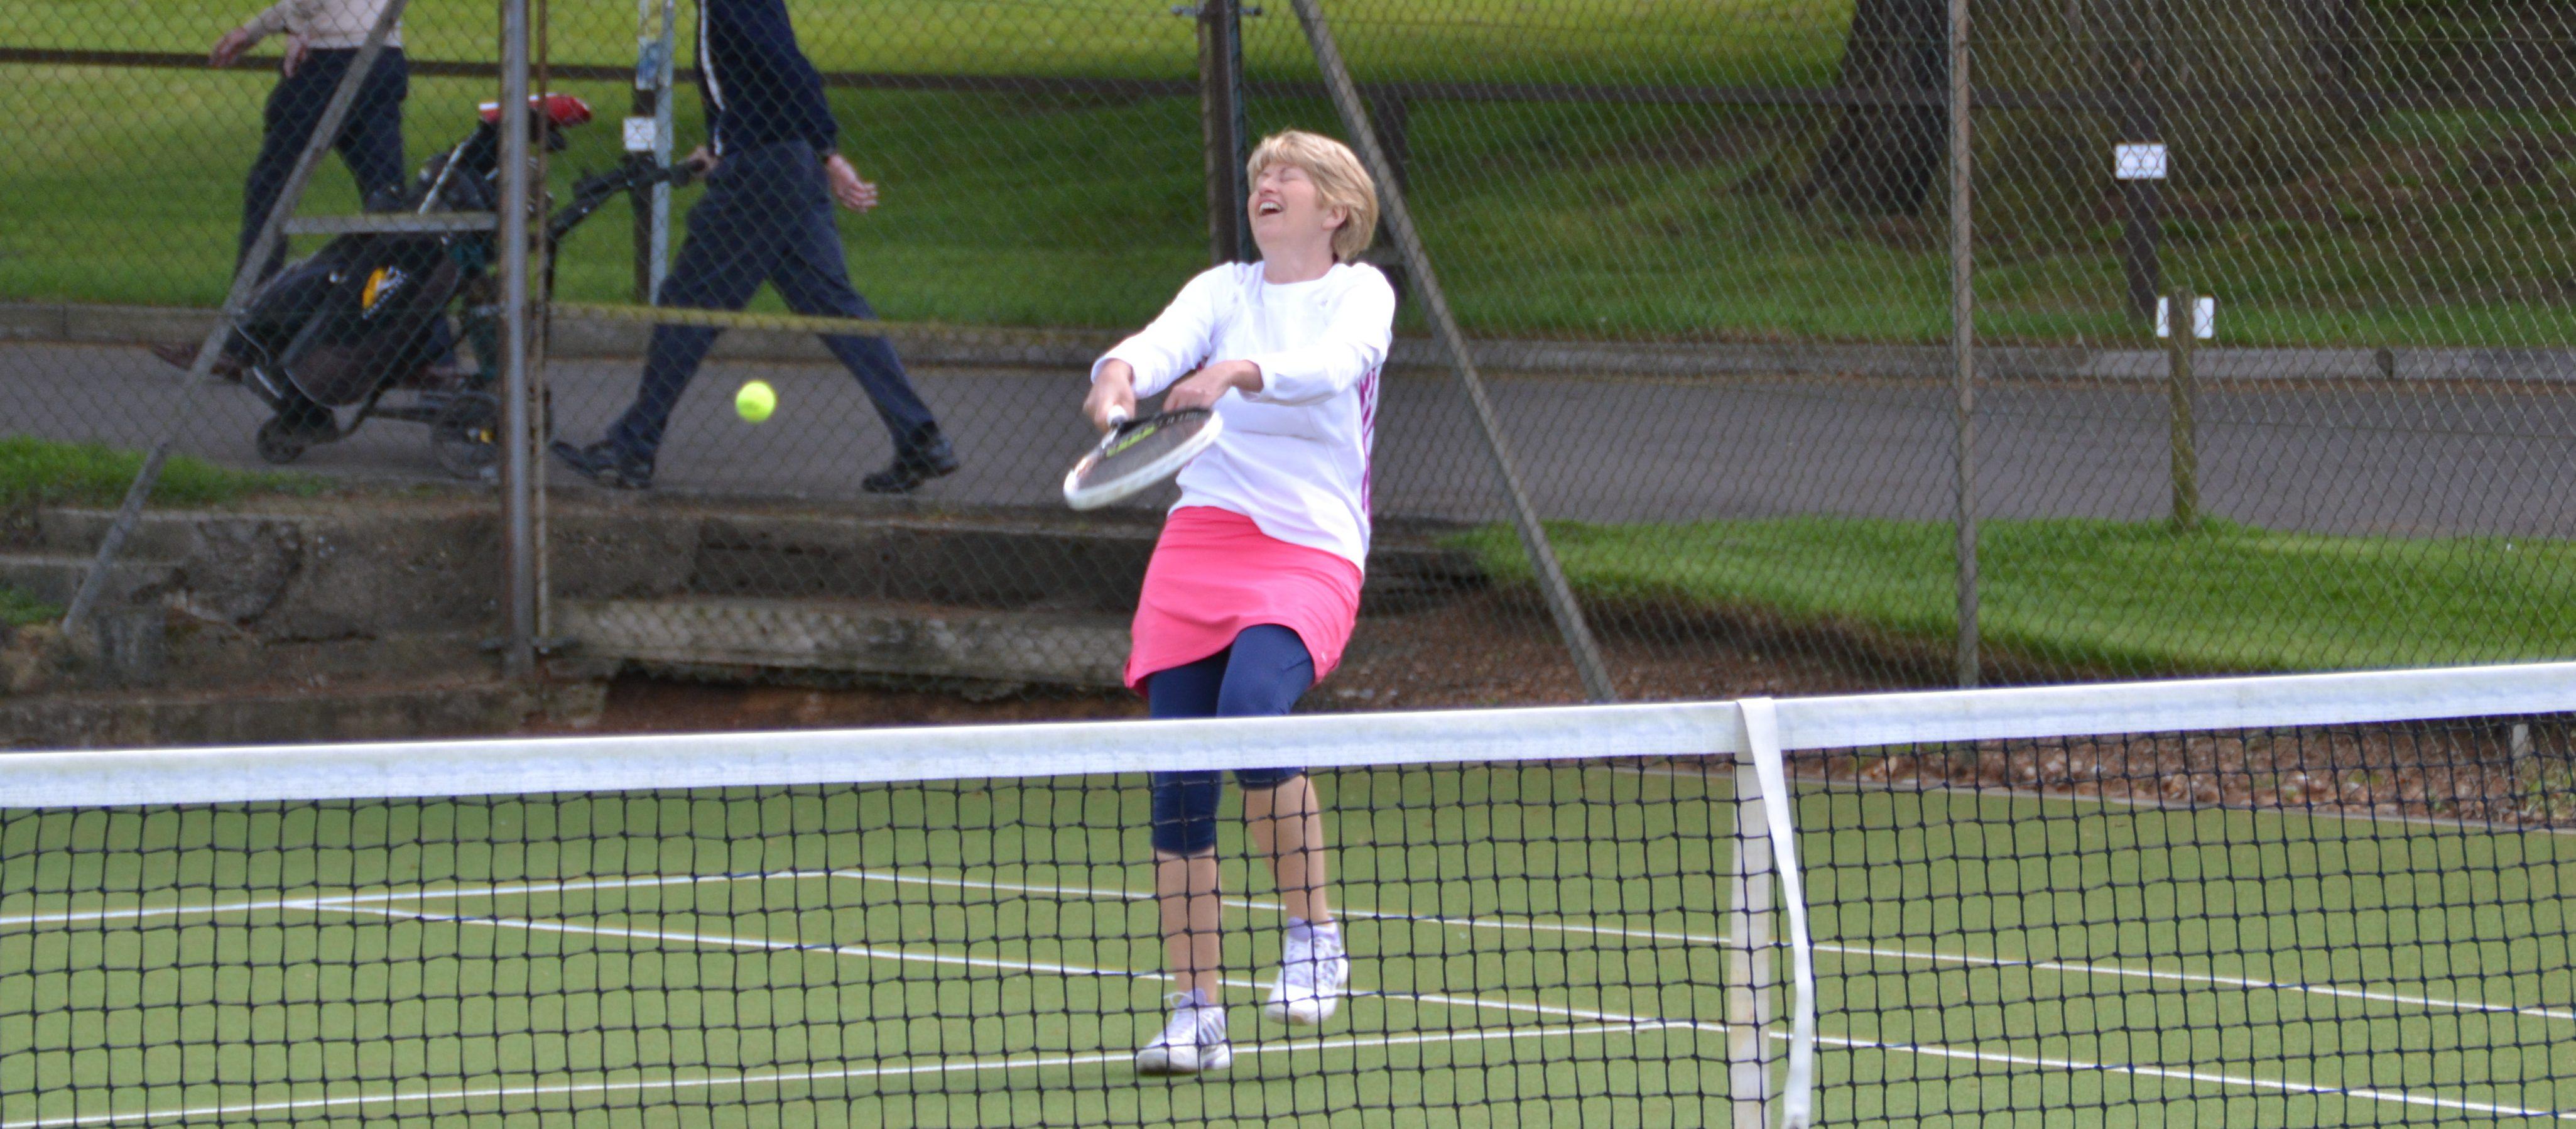 older women playing tennis